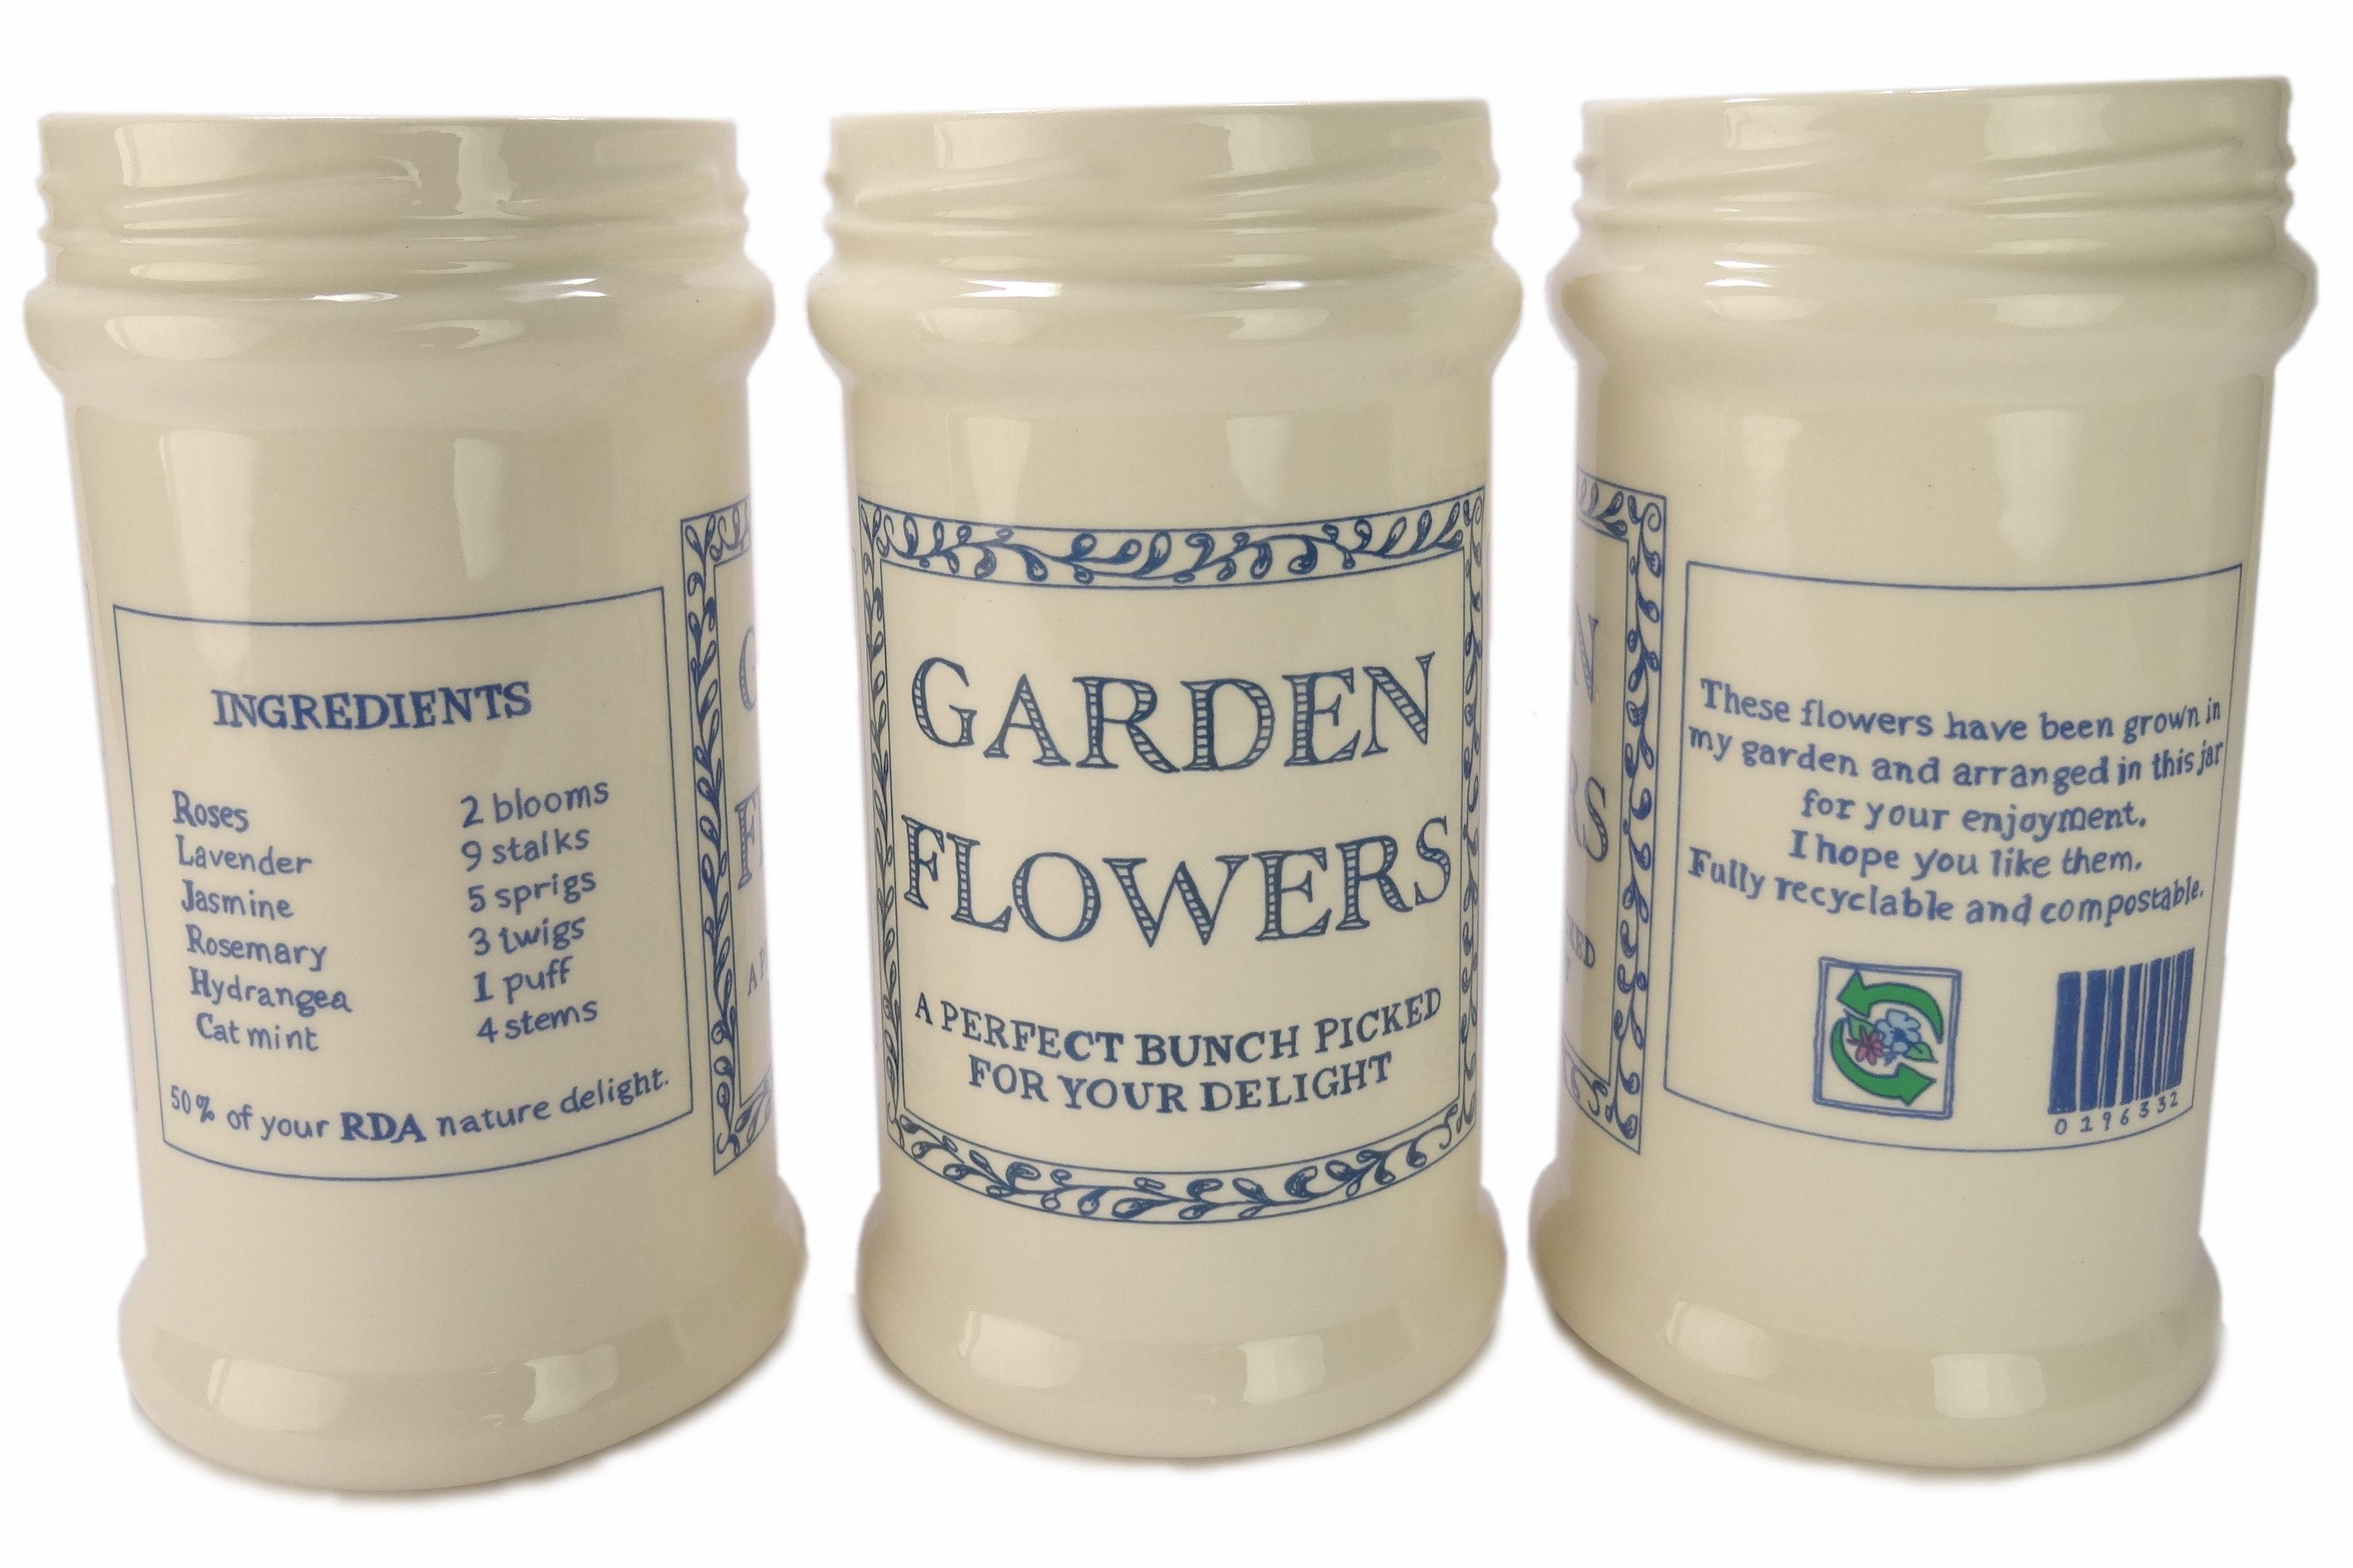 garden flowers vase  hand made ceramics katie brinsley beatrice von Preussen